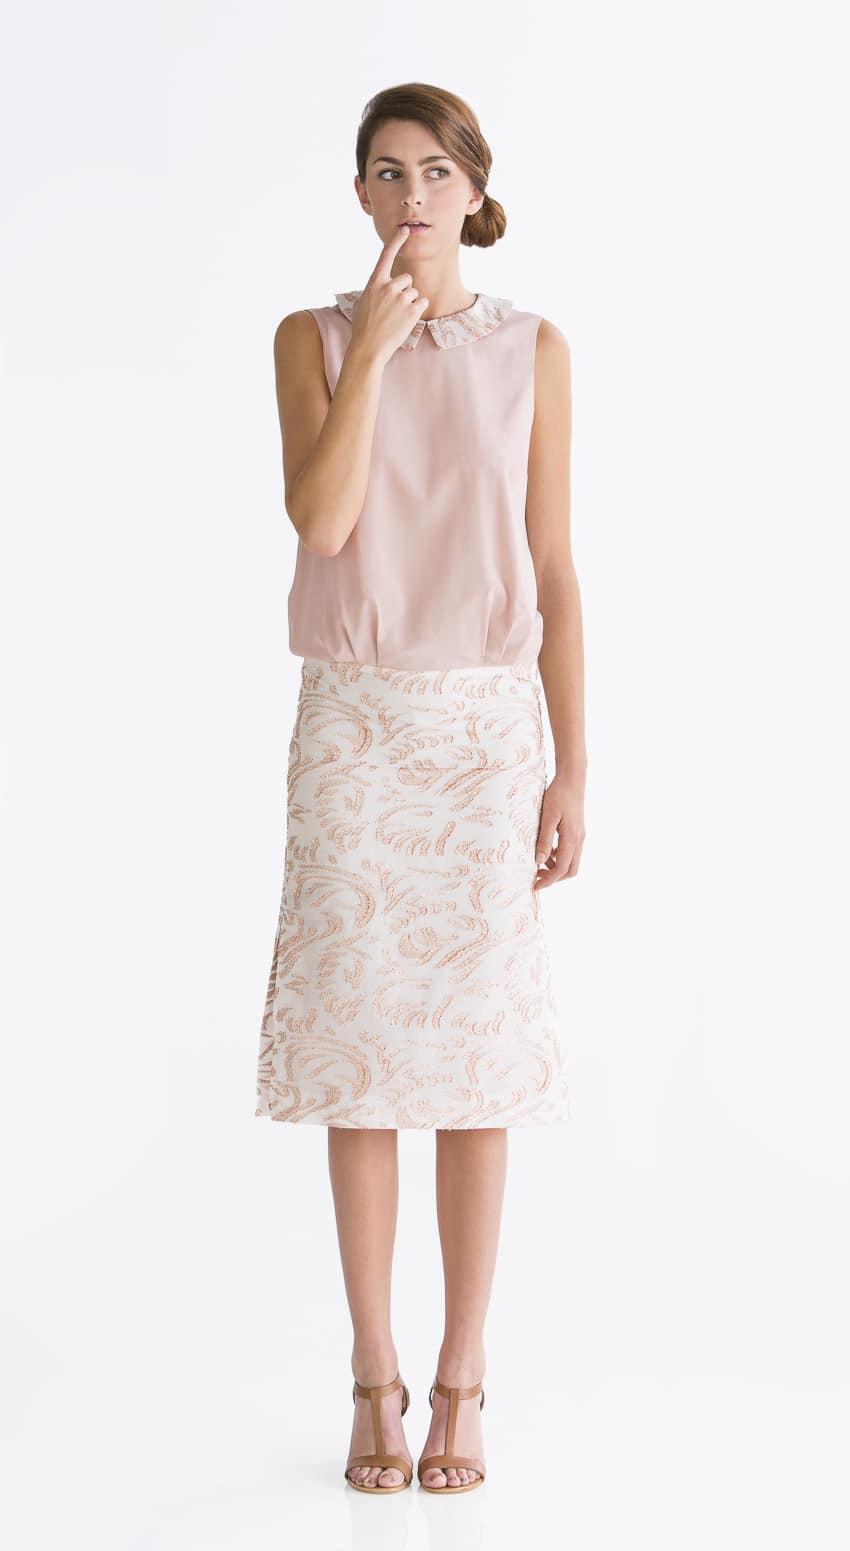 photo mode femme pour catalogue professionnel vêtement studio professionnel